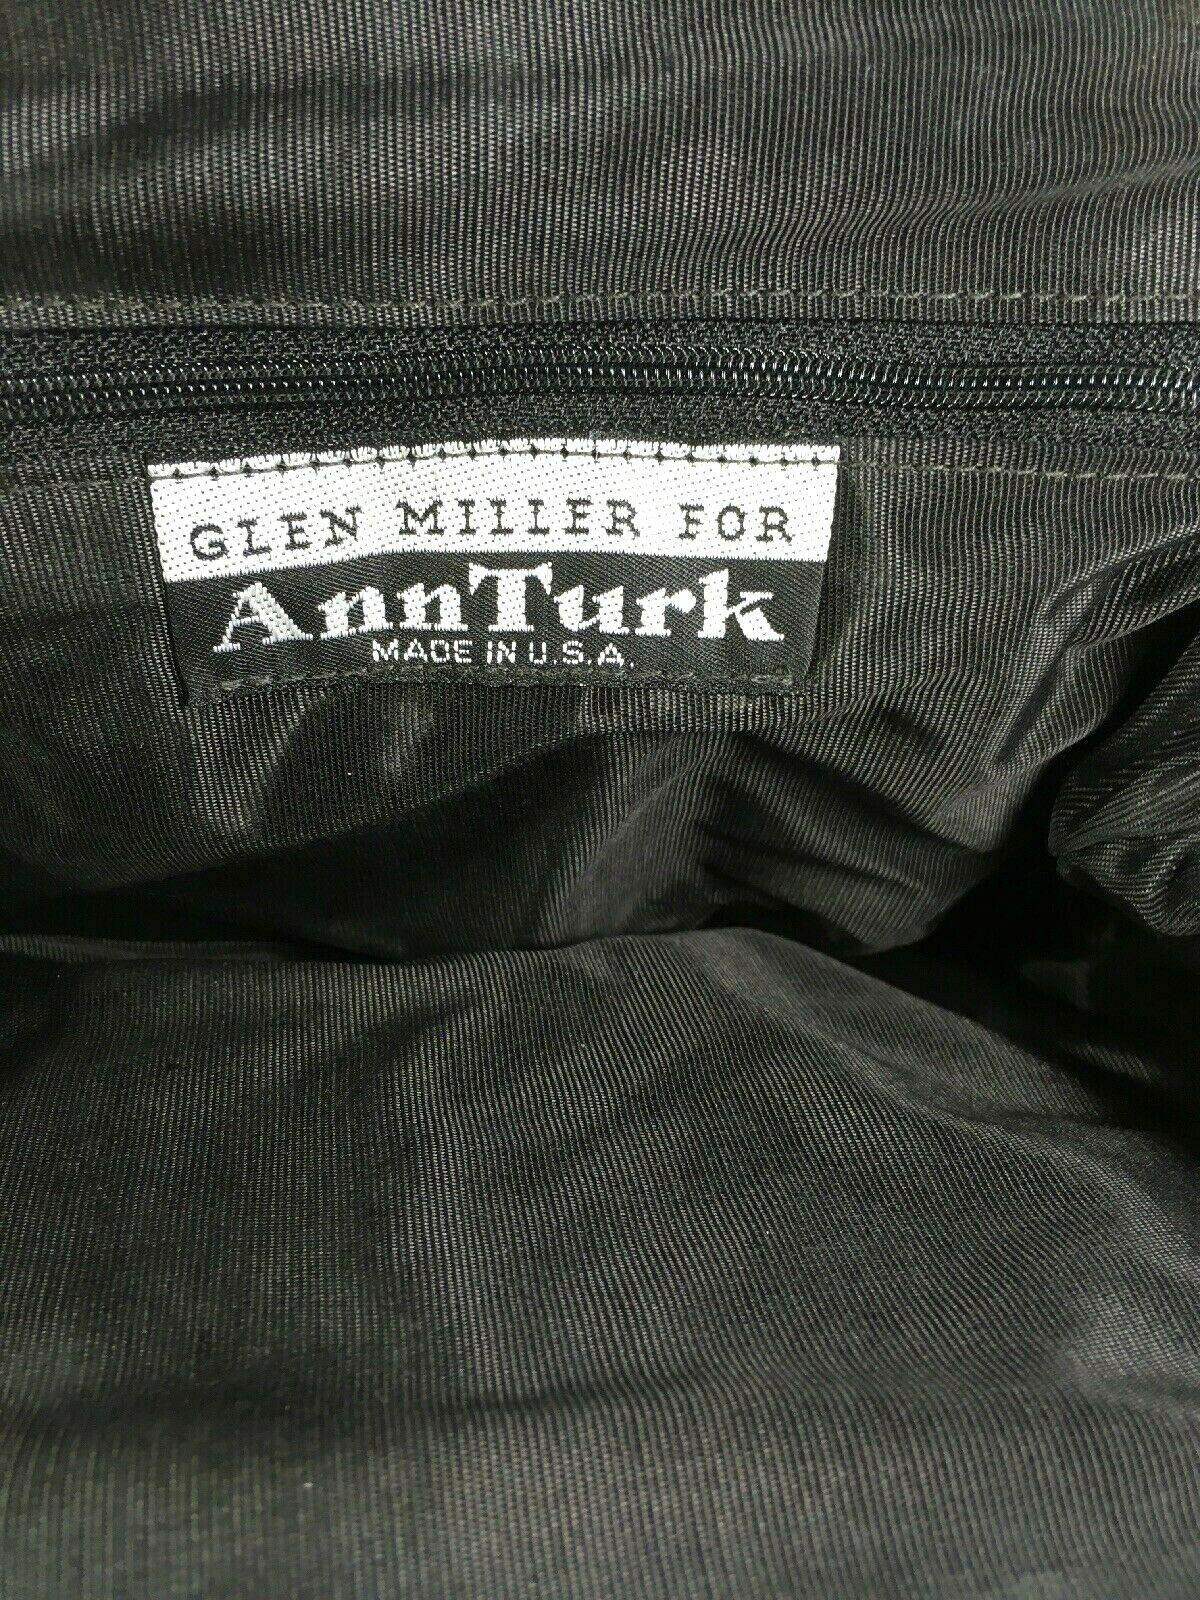 Glen Miller for Ann Turk Vintage Black Reptile Print Shoulder Bag – Made In Usa